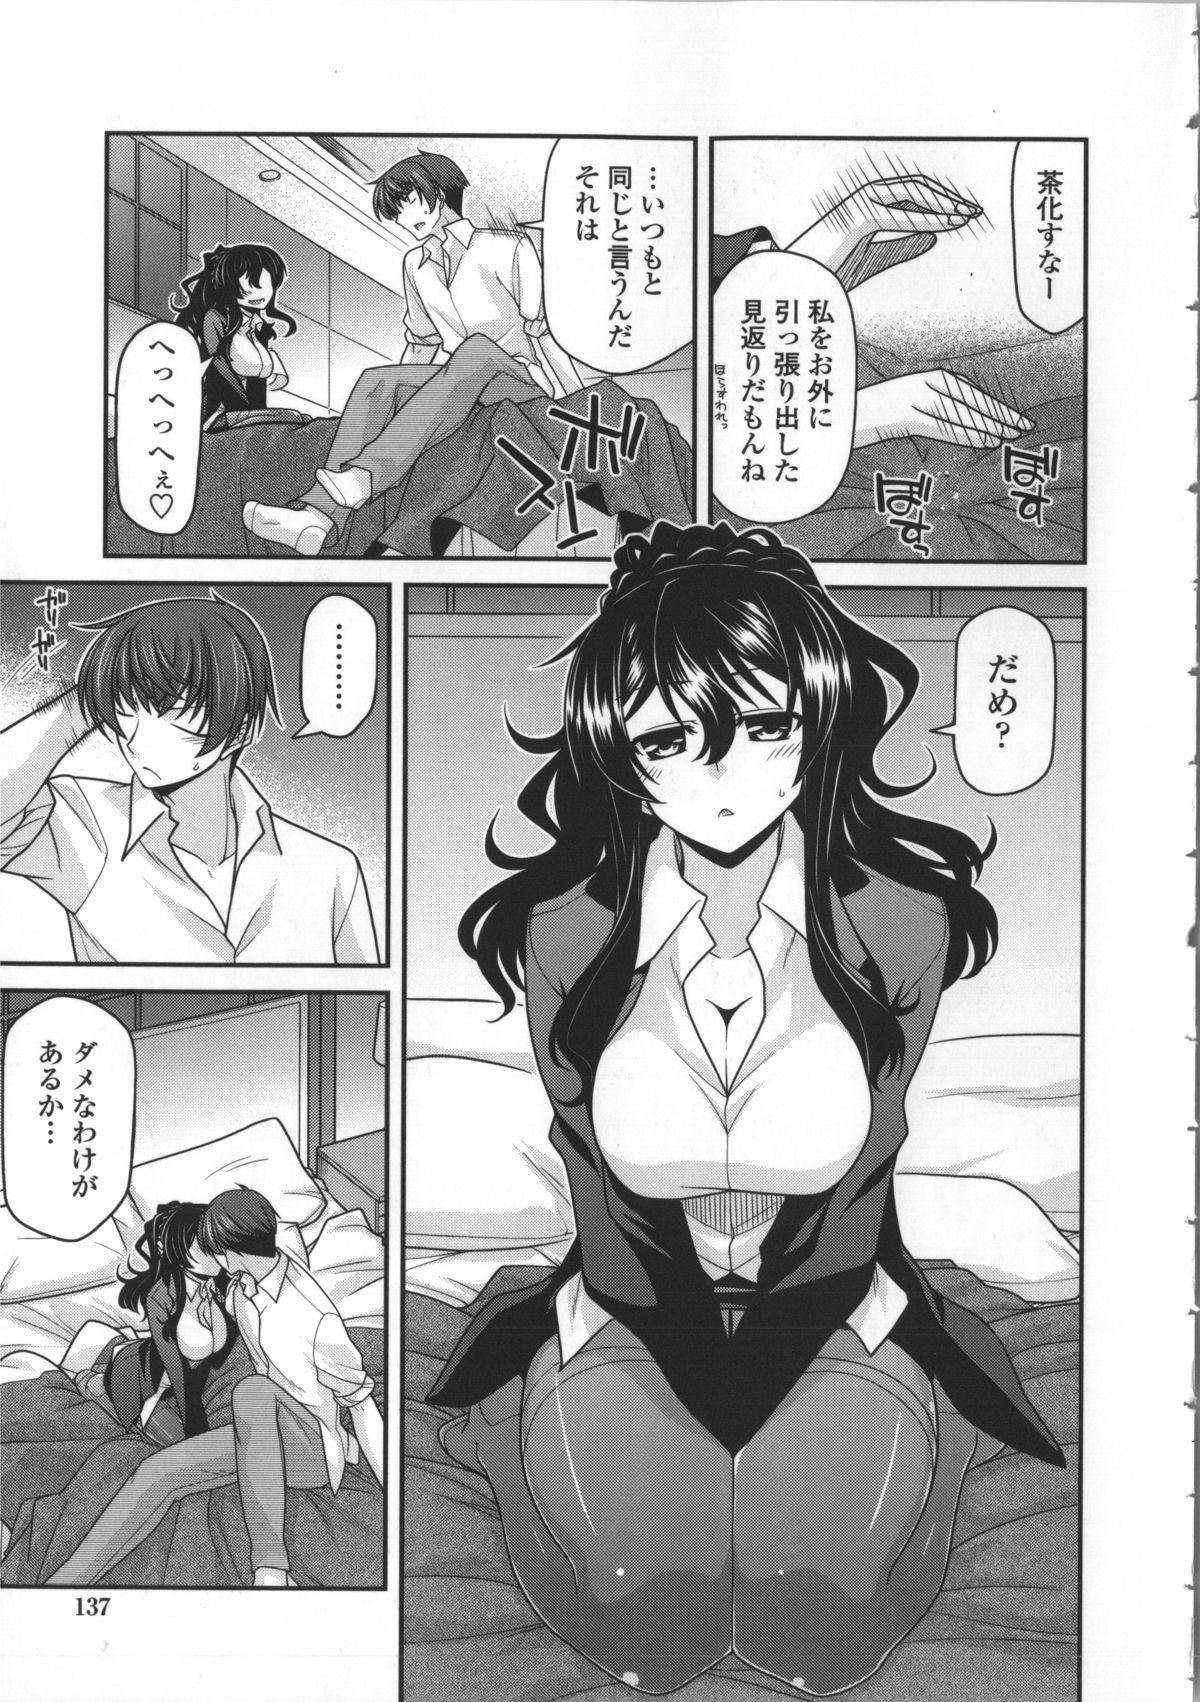 Yamato Nadeshiko Breast Changes 136